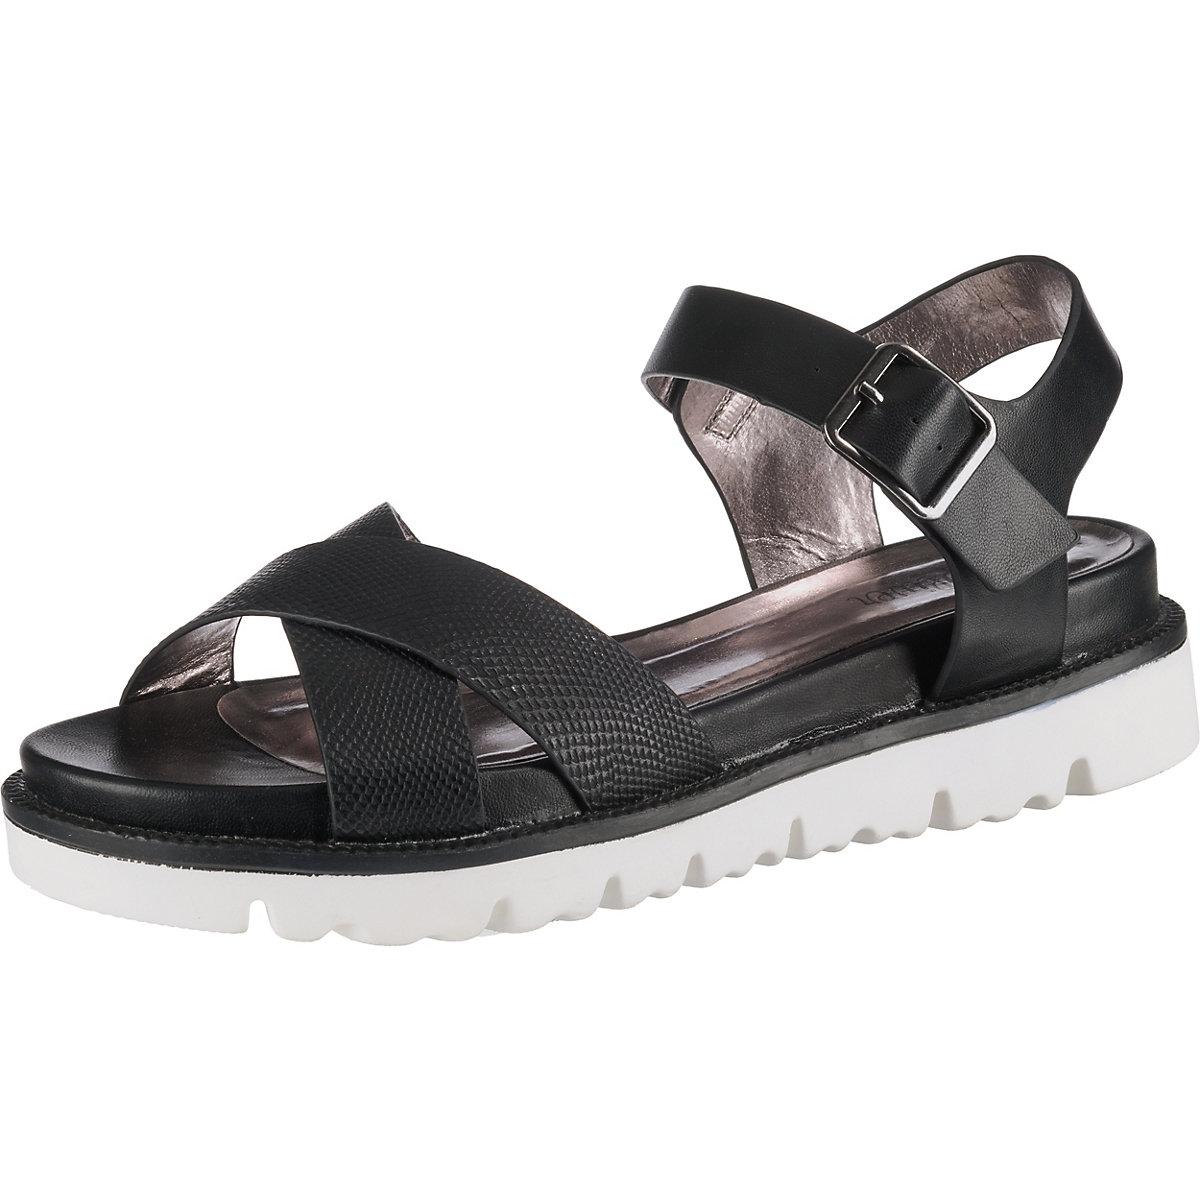 S.Oliver, Klassische Sandalen, schwarz  Gute Qualität beliebte Schuhe